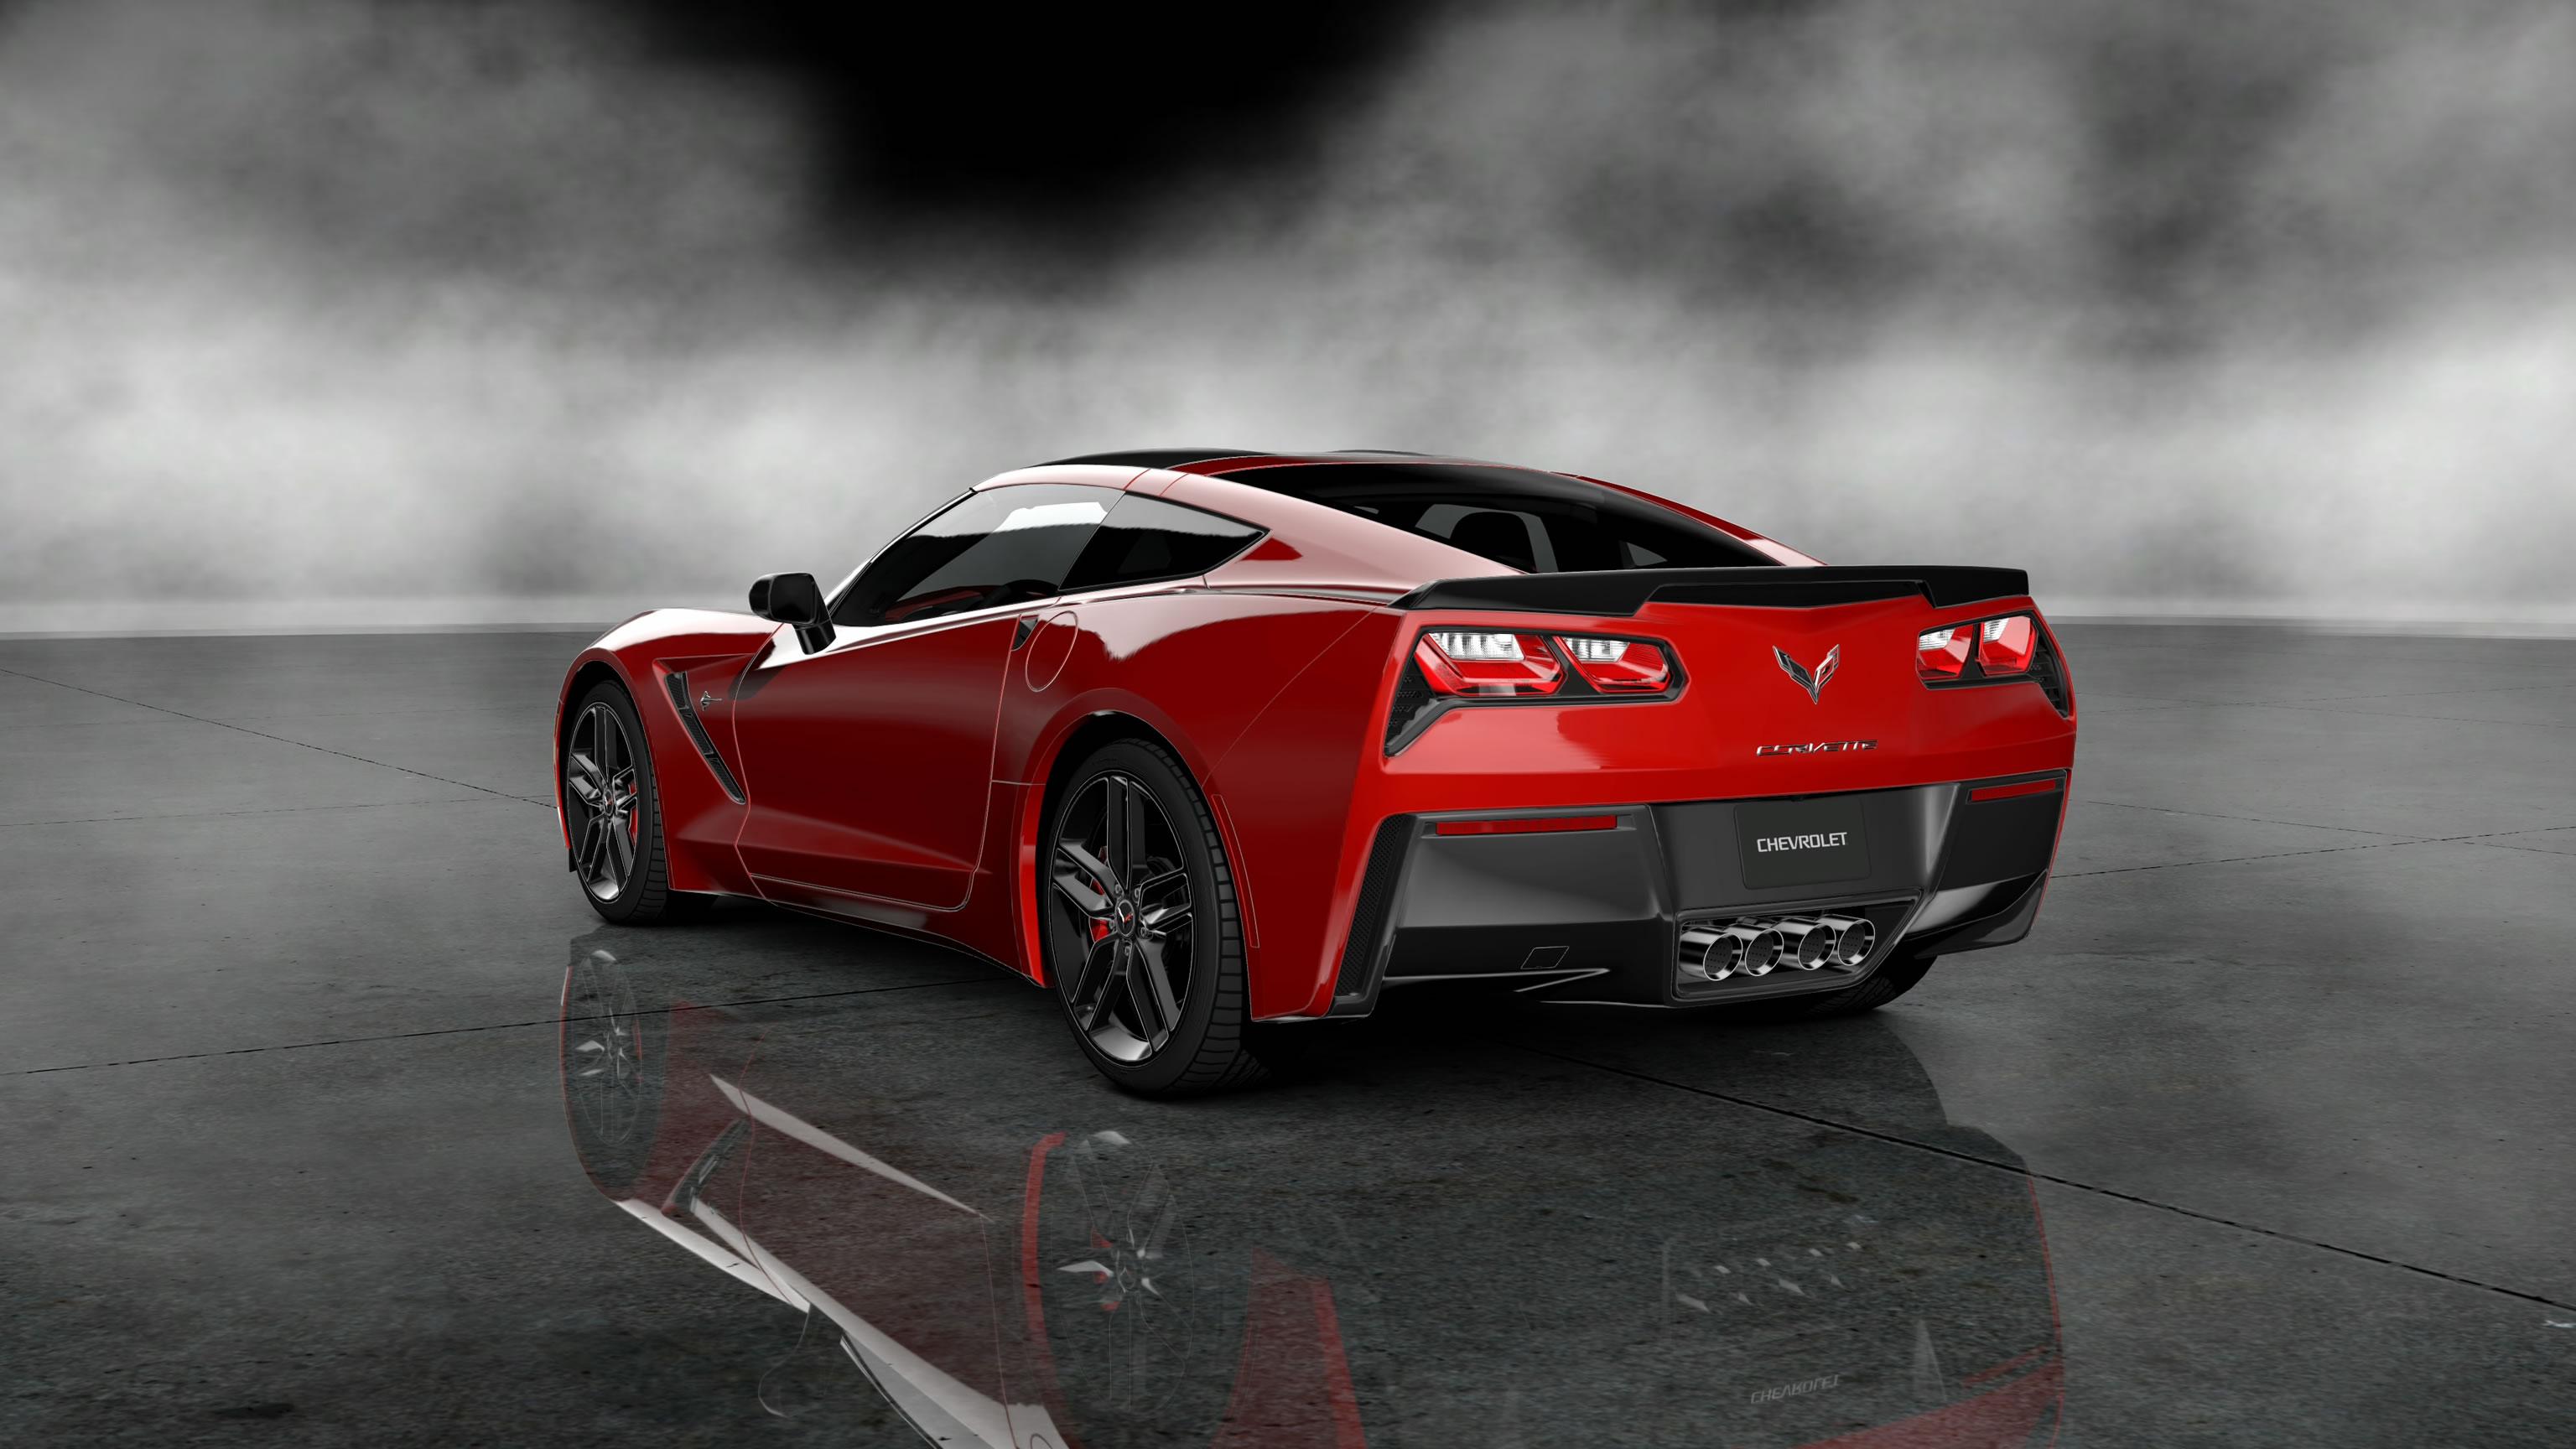 corvette c7 wallpapers Chevrolet Corvette C7 Chevrolet Corvette C7 3072x1728